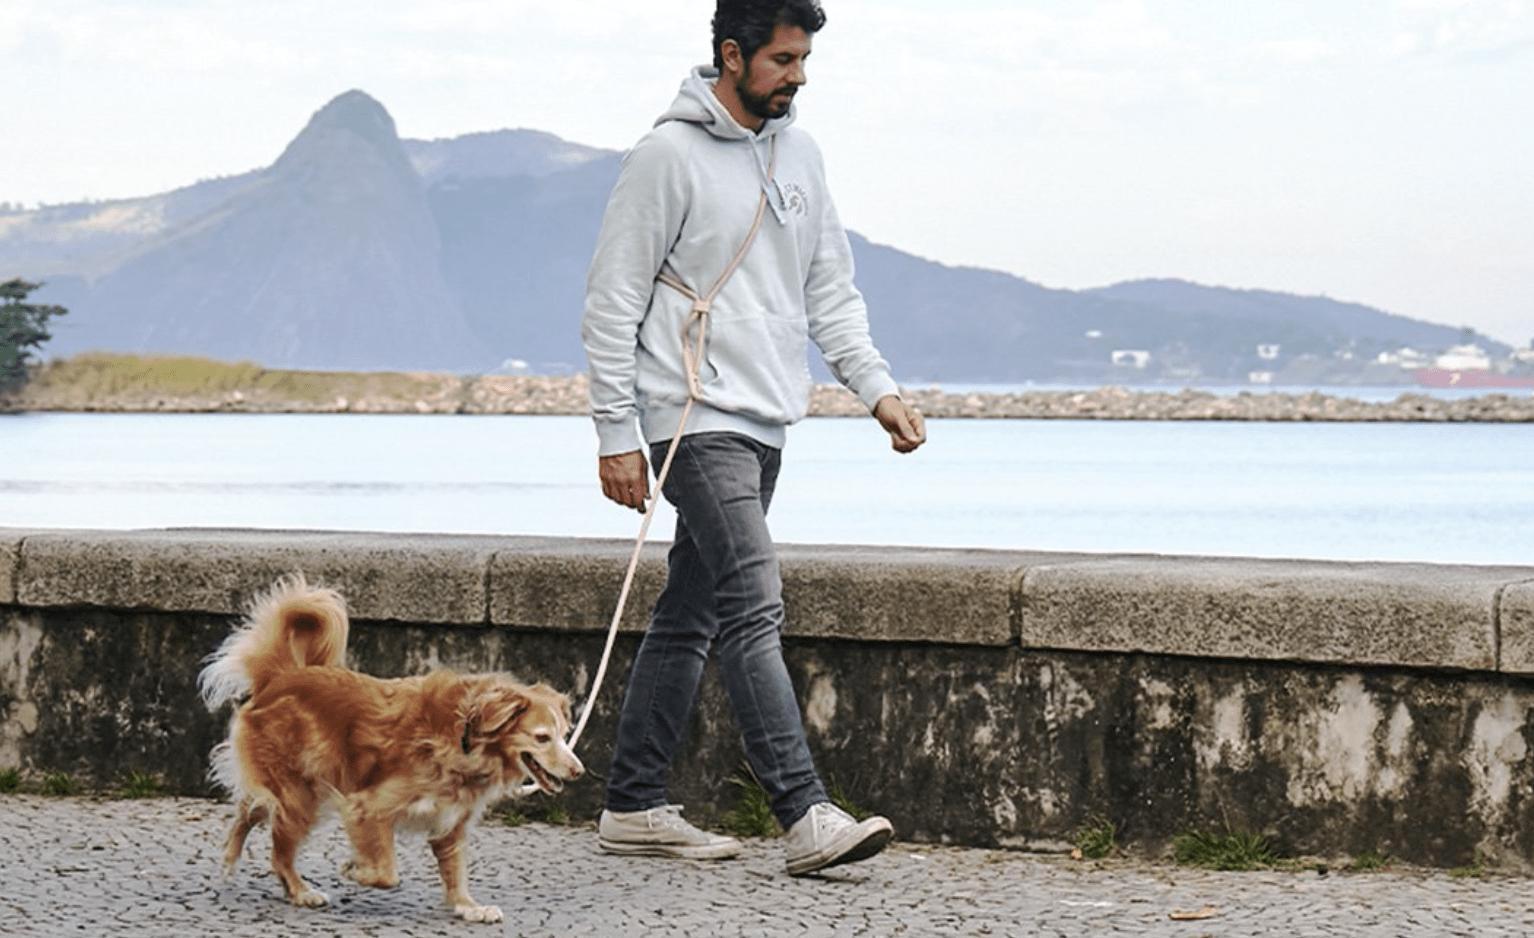 巴西宠物商店「Zee.Dog」获 1880 万美元融资,想做宠物领域的潮牌 ...